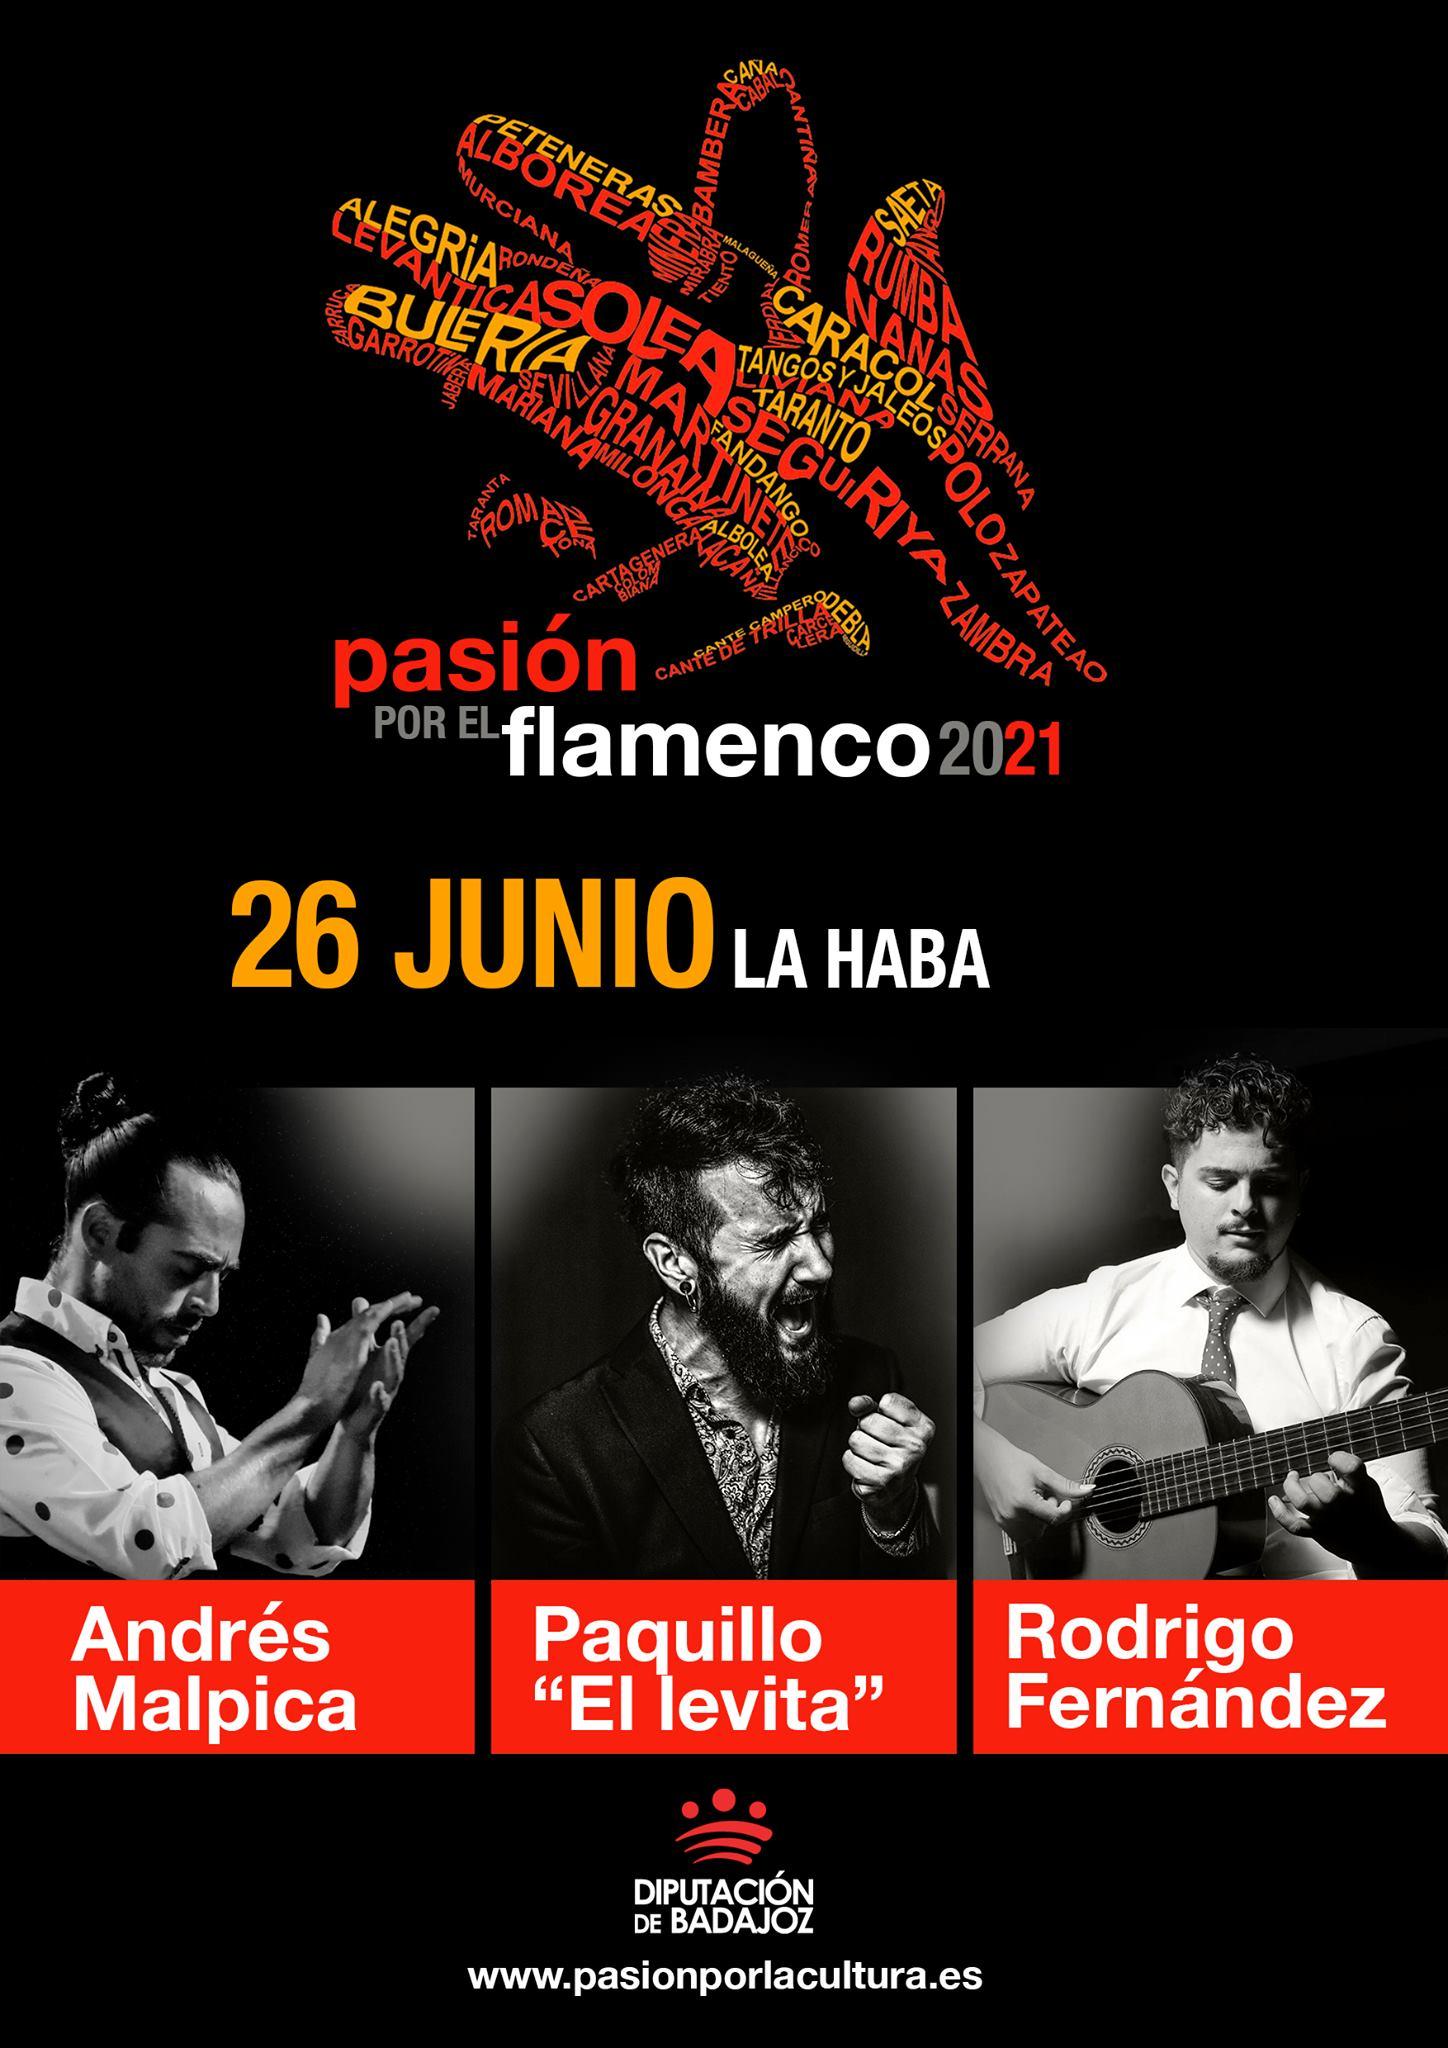 """PASIÓN POR EL FLAMENCO   Andrés Malpica + Paquillo """"El Levita"""" + Rodrigo Fernández"""